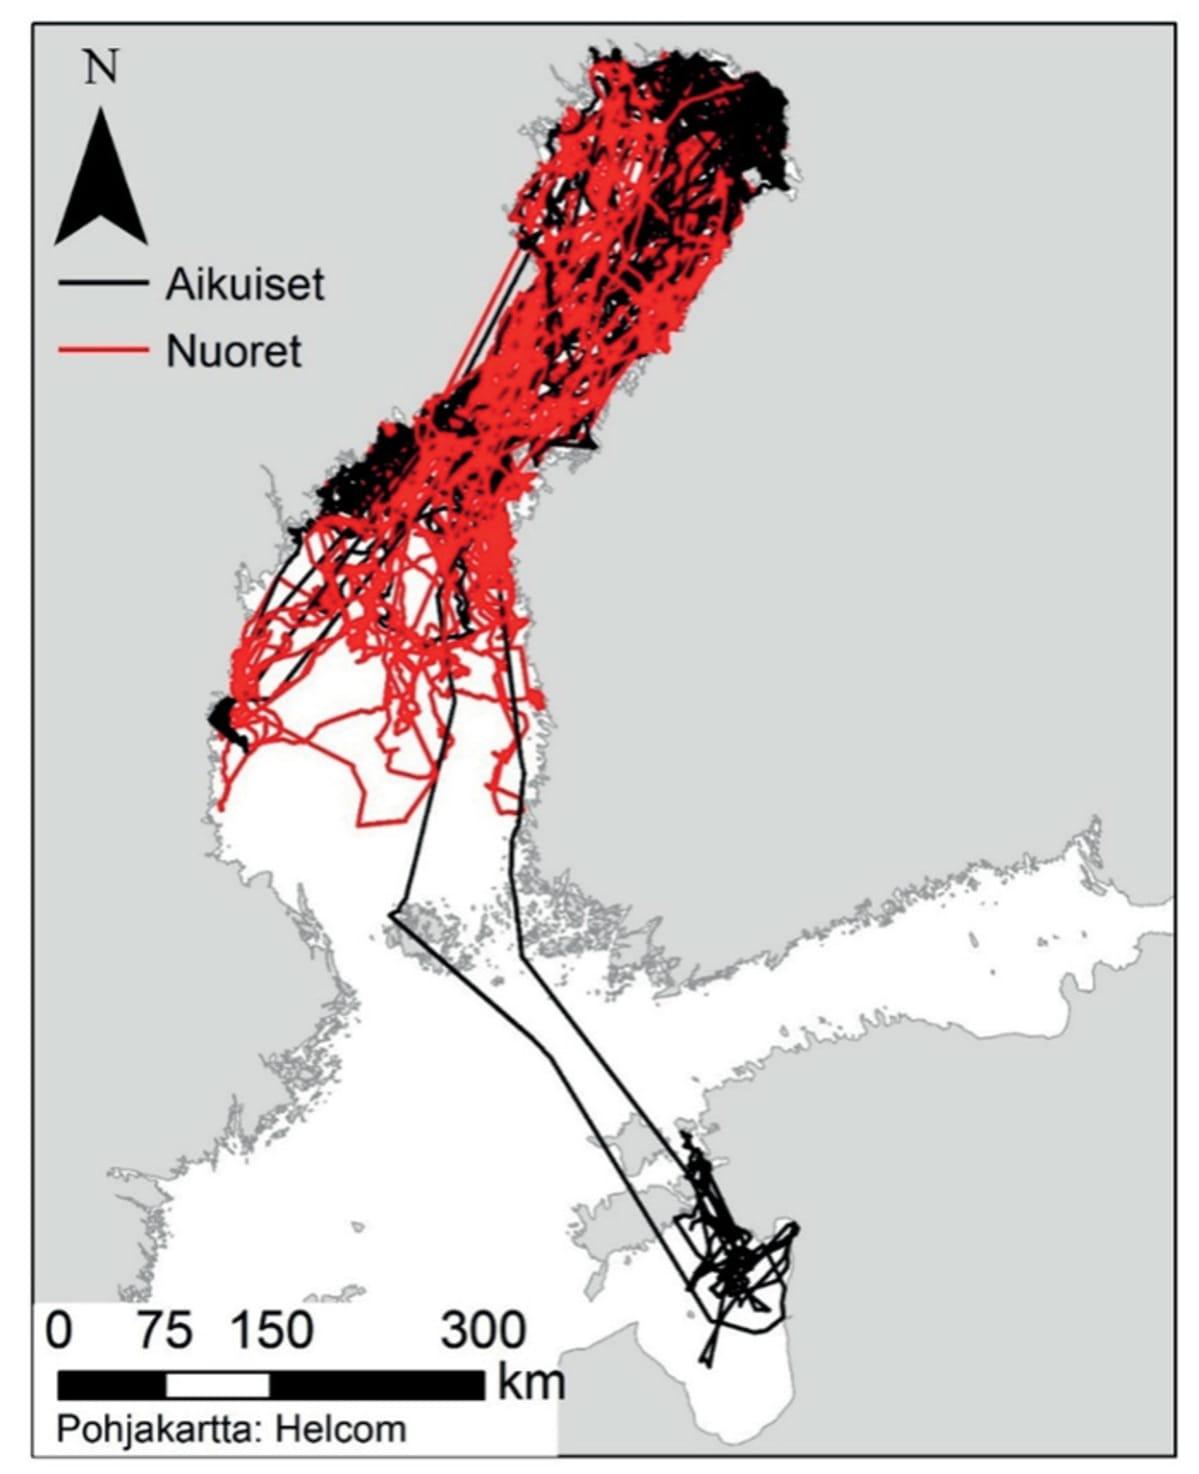 karttakuva norppien levinneisyydestä Suomen merialueilla